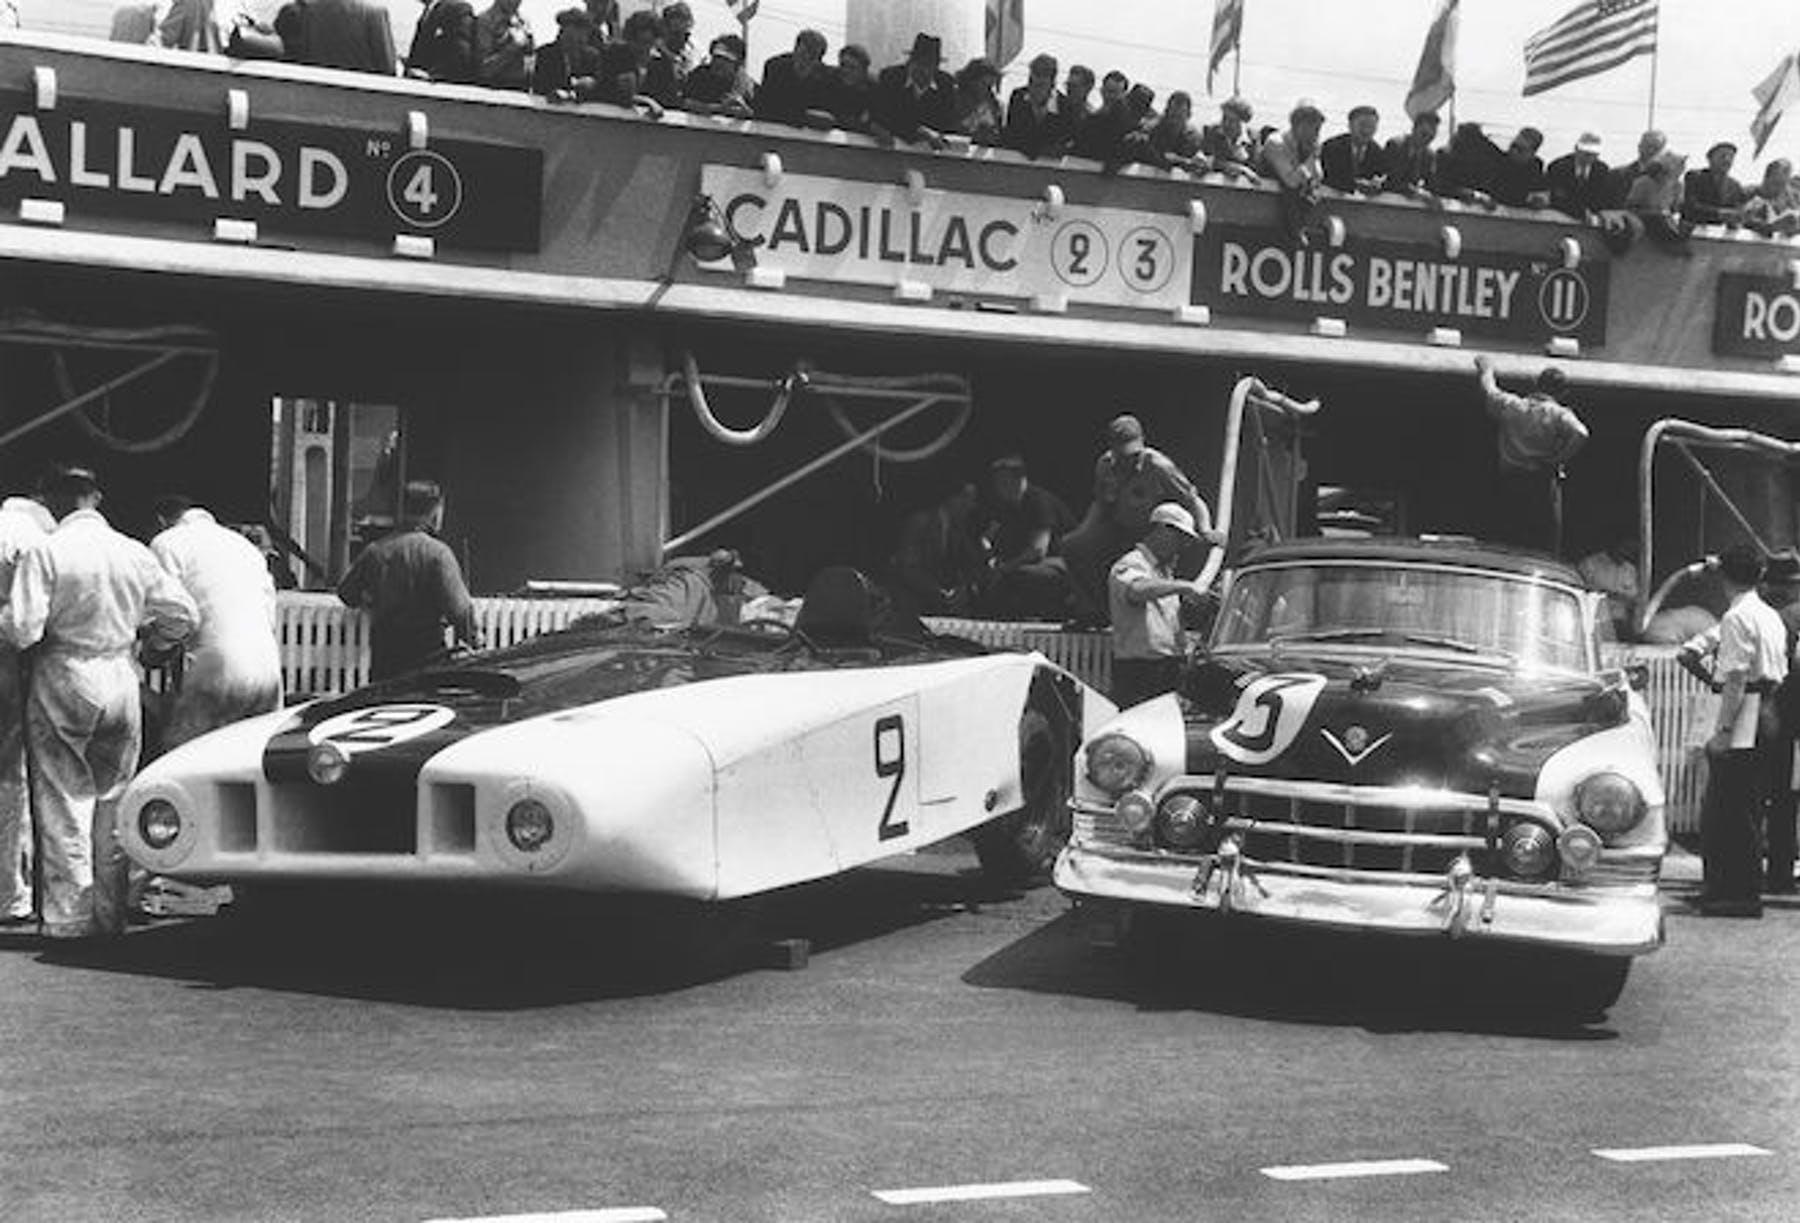 Cadillac Series 61 'Le Monstre' en Le Mans 1950